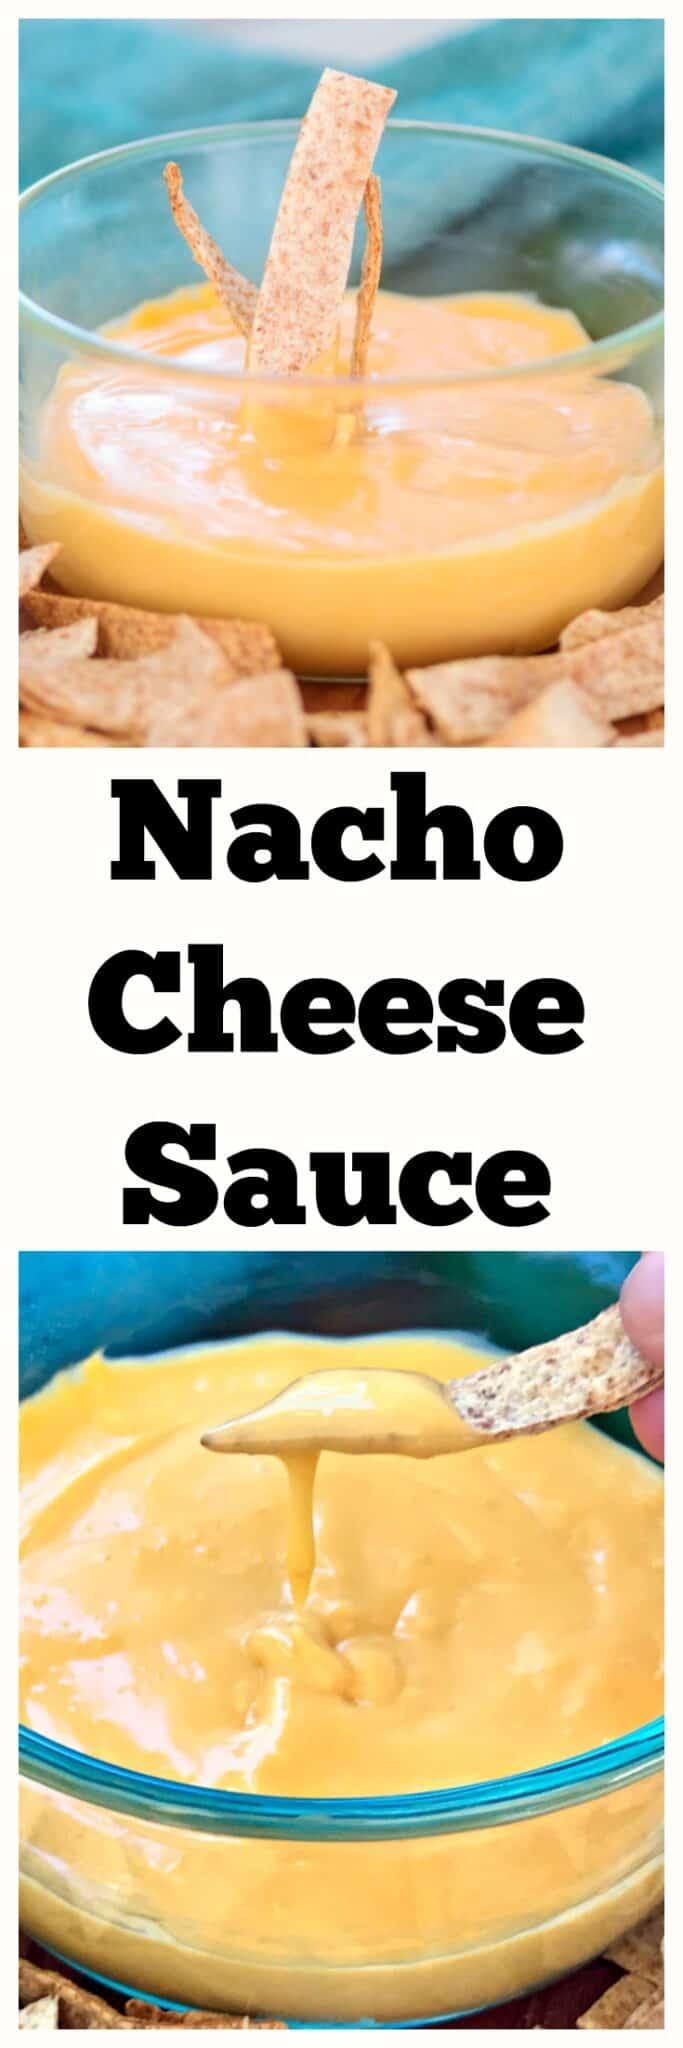 how to cook homemade nachos